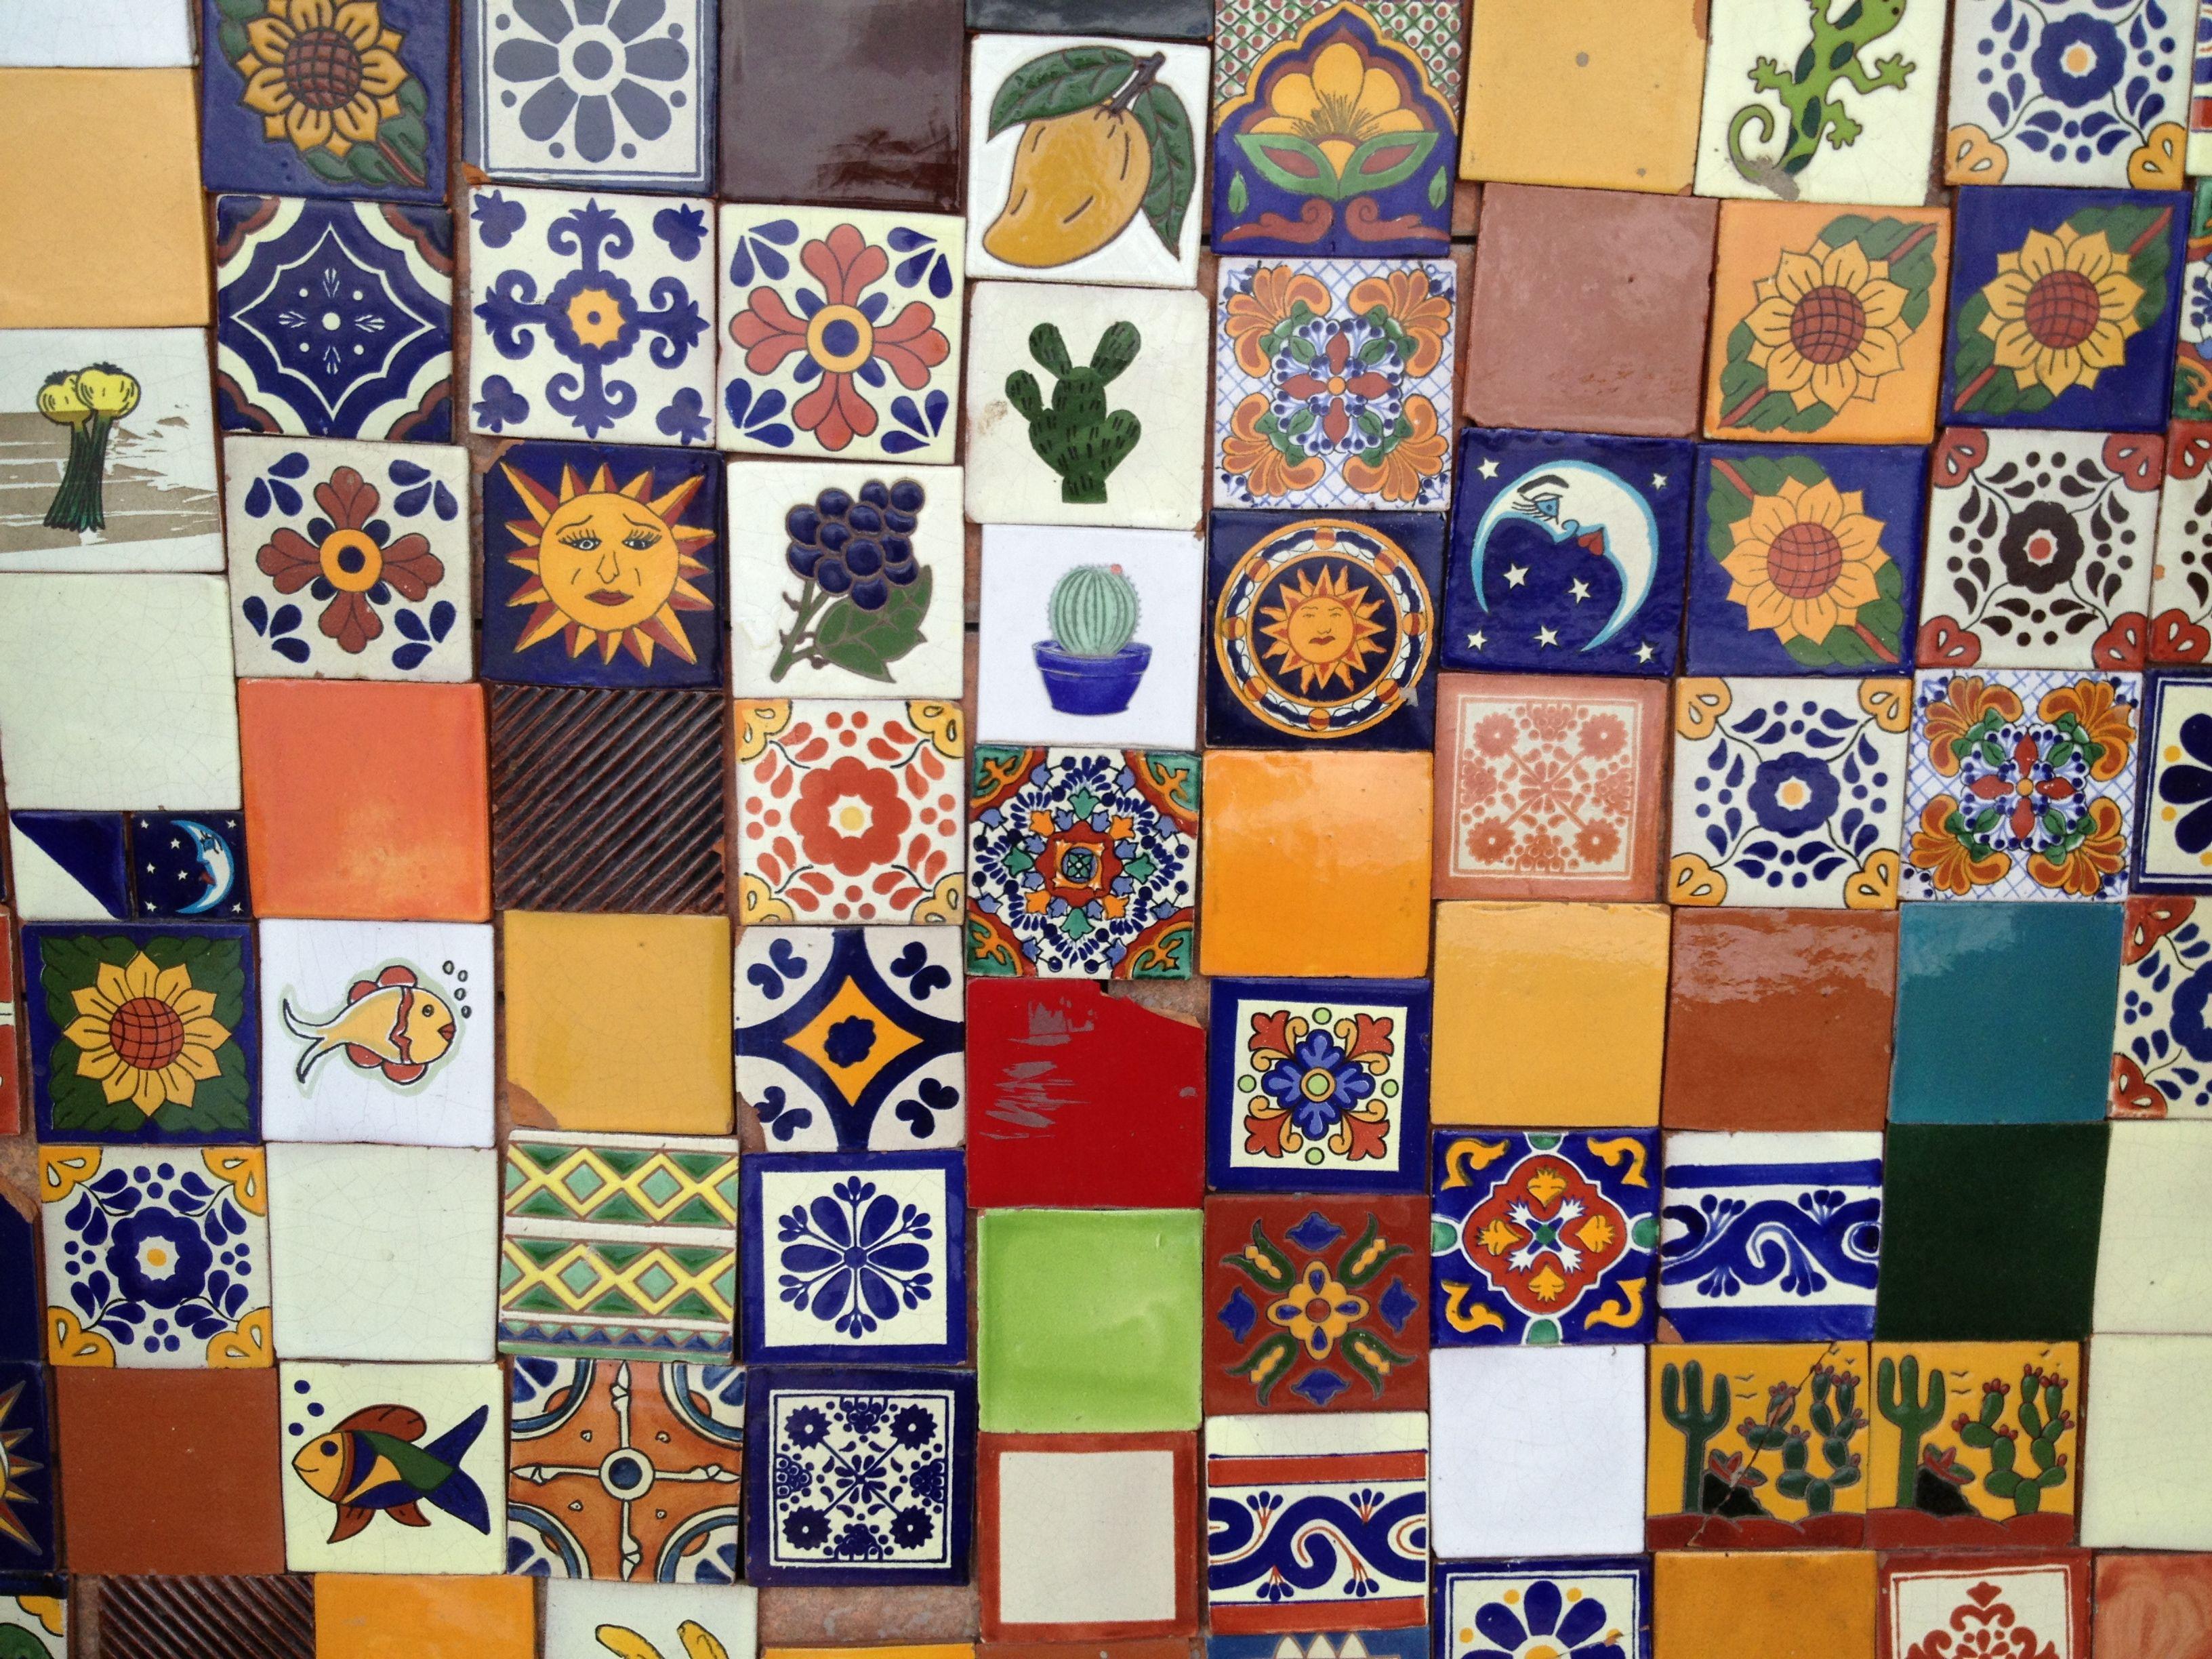 Azulejos variados de talavera y dolores hidalgo azulejo for Azulejo de talavera mexico